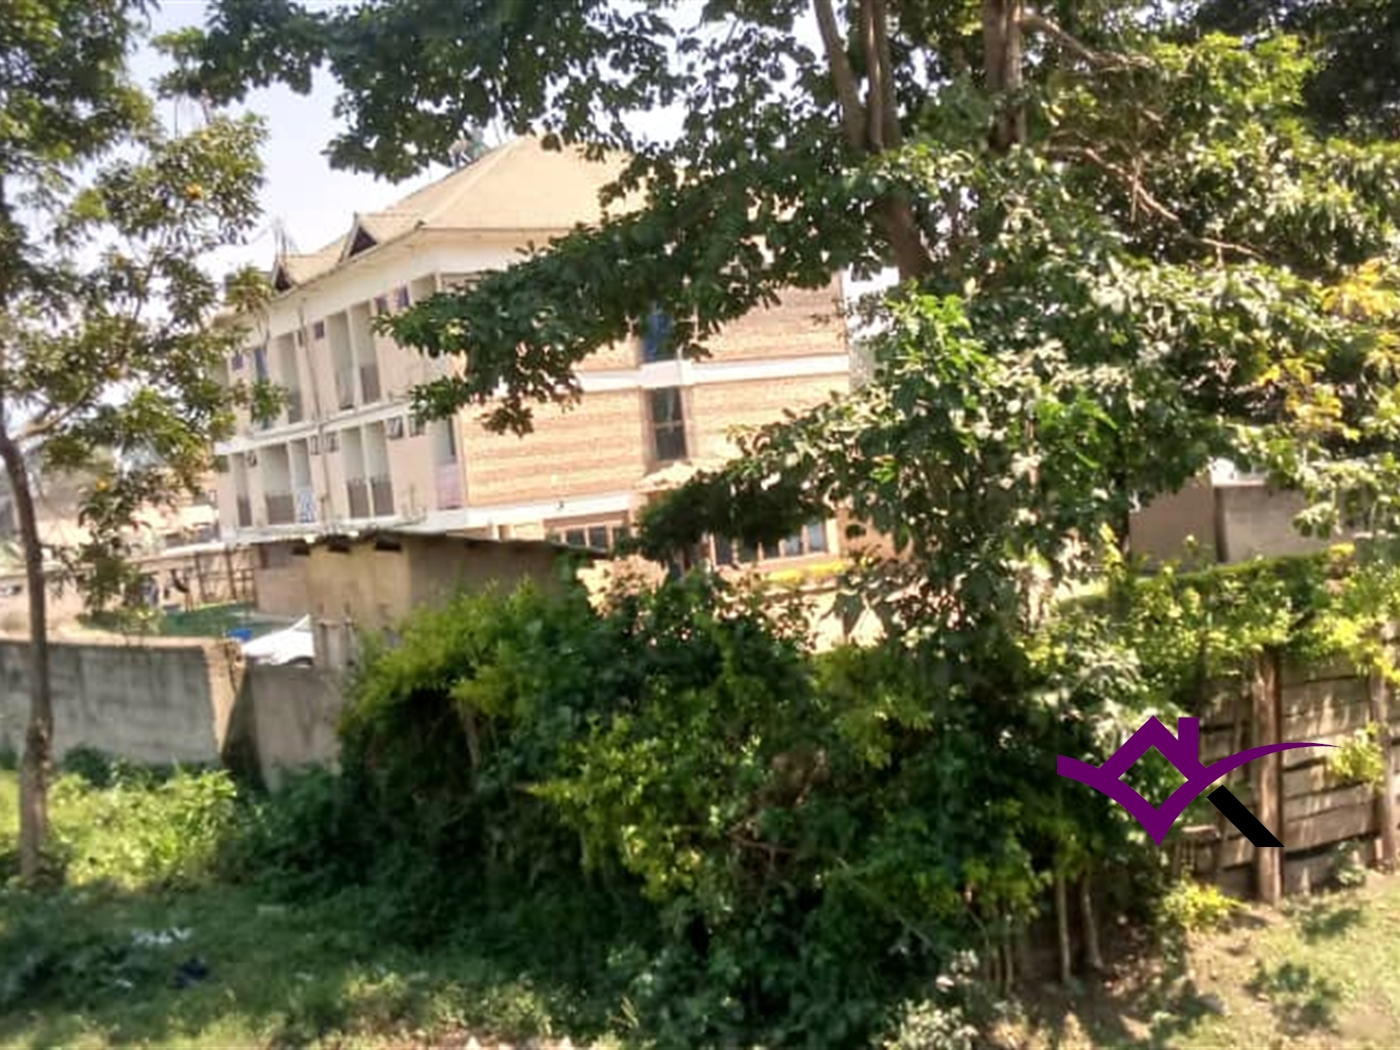 Hotel for sale in Fortportal Kyenjojo